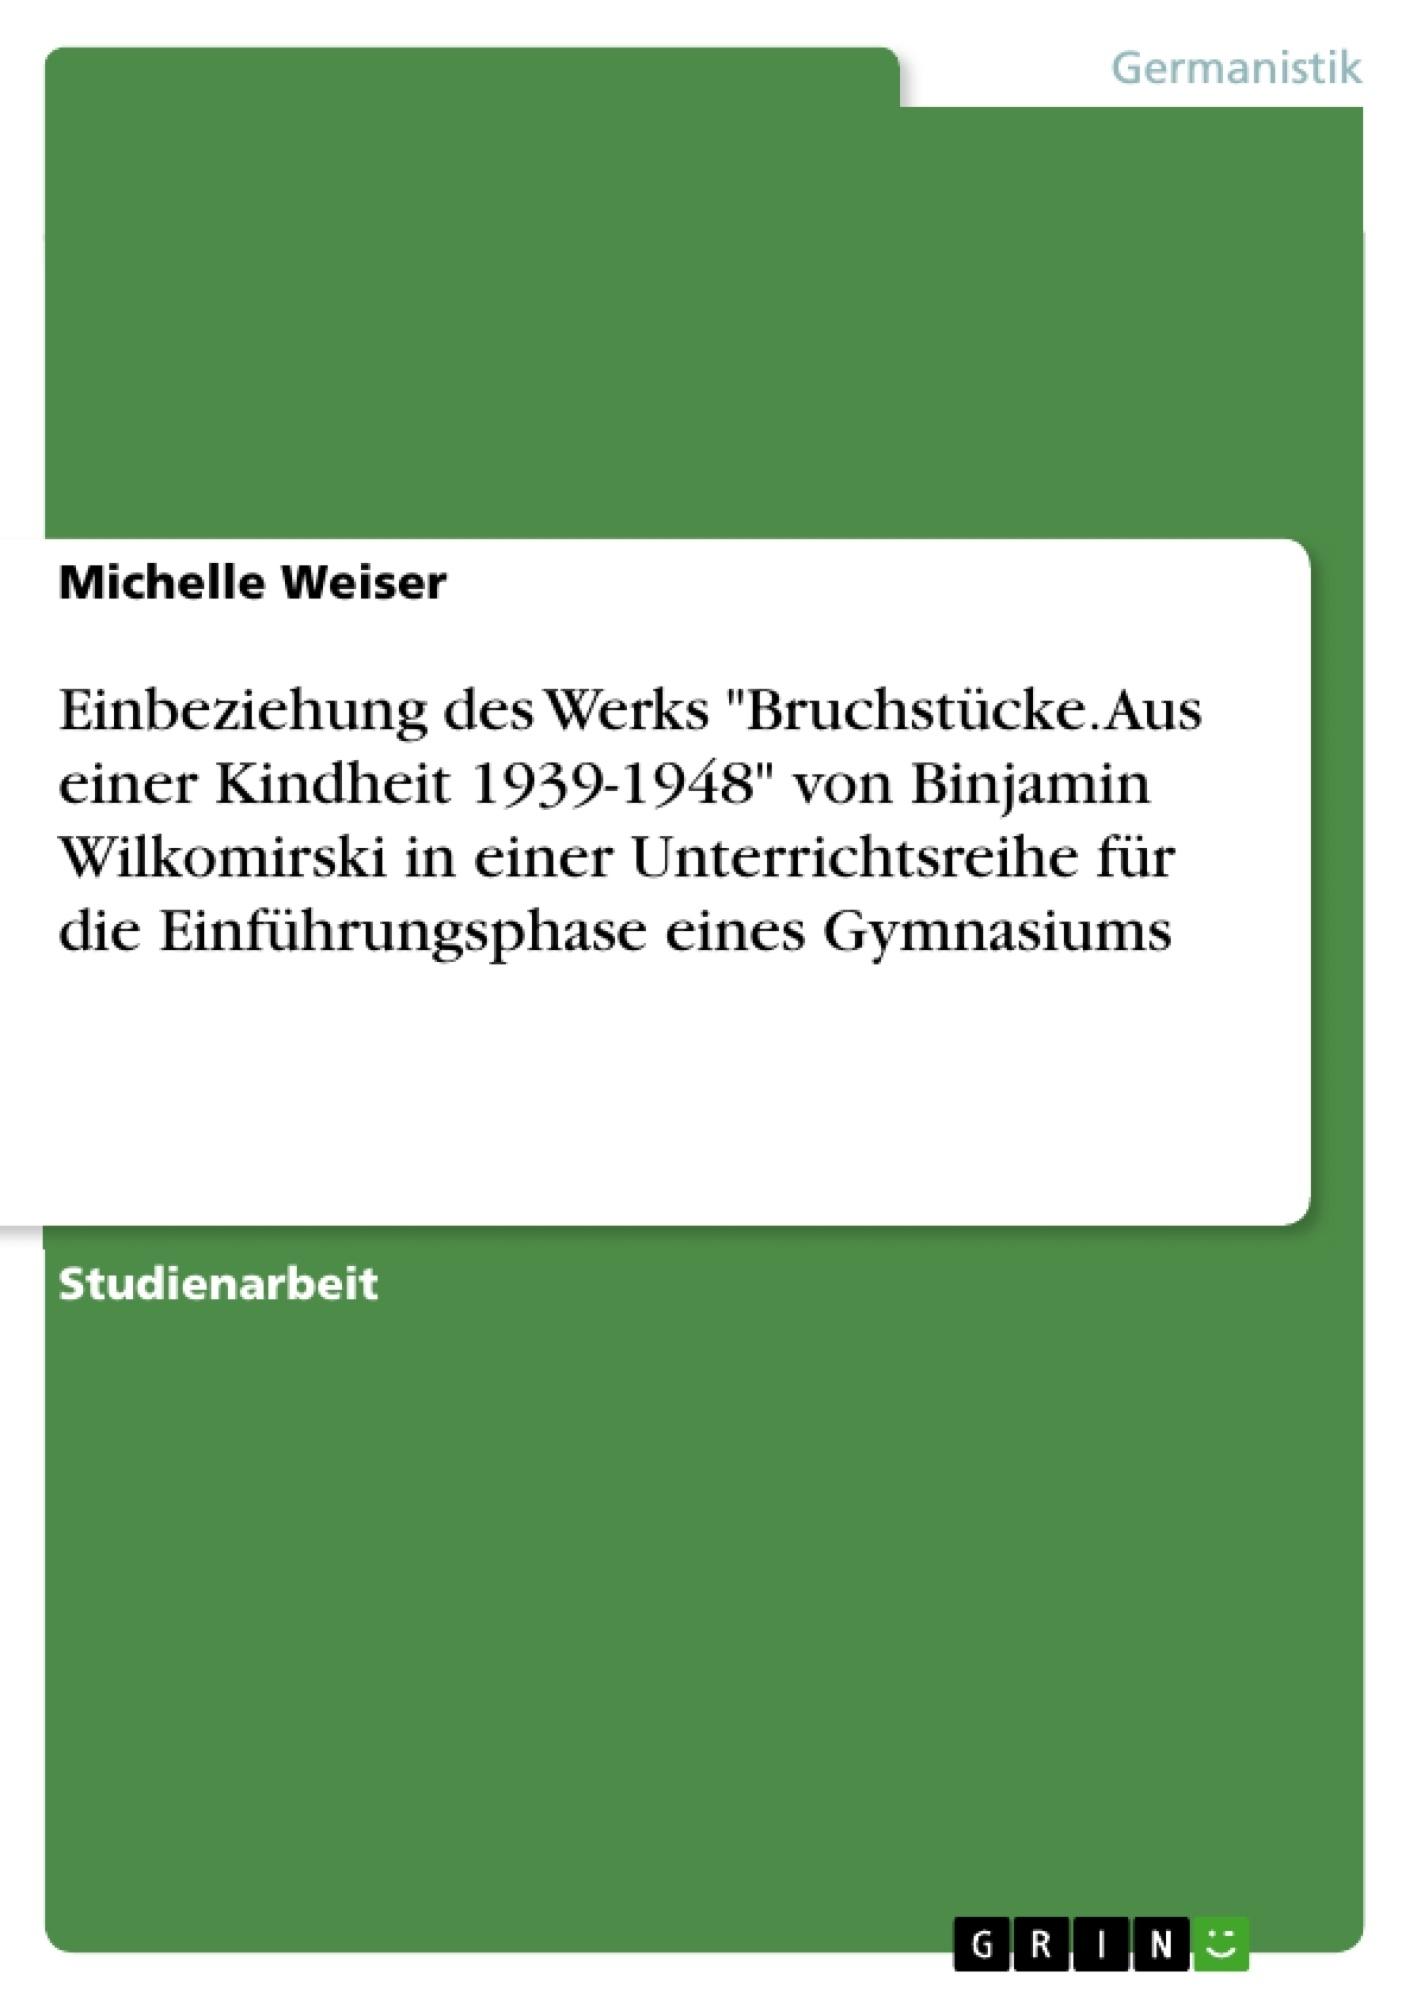 """Titel: Einbeziehung des Werks """"Bruchstücke. Aus einer Kindheit 1939-1948"""" von Binjamin Wilkomirski in einer Unterrichtsreihe für die Einführungsphase eines Gymnasiums"""